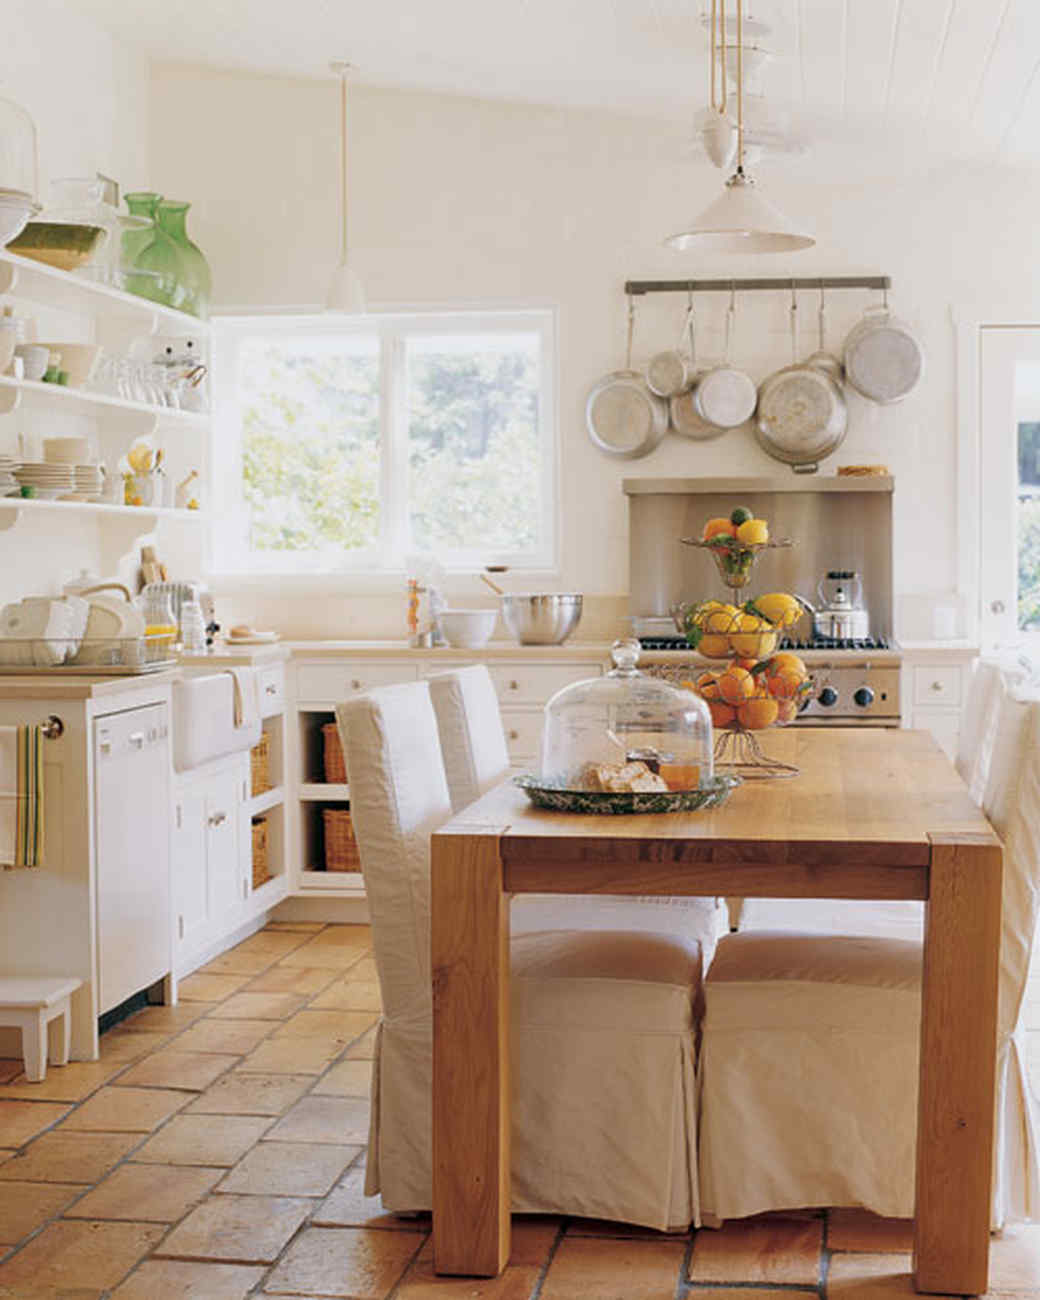 mla101559_sept2005_kitchen.jpg